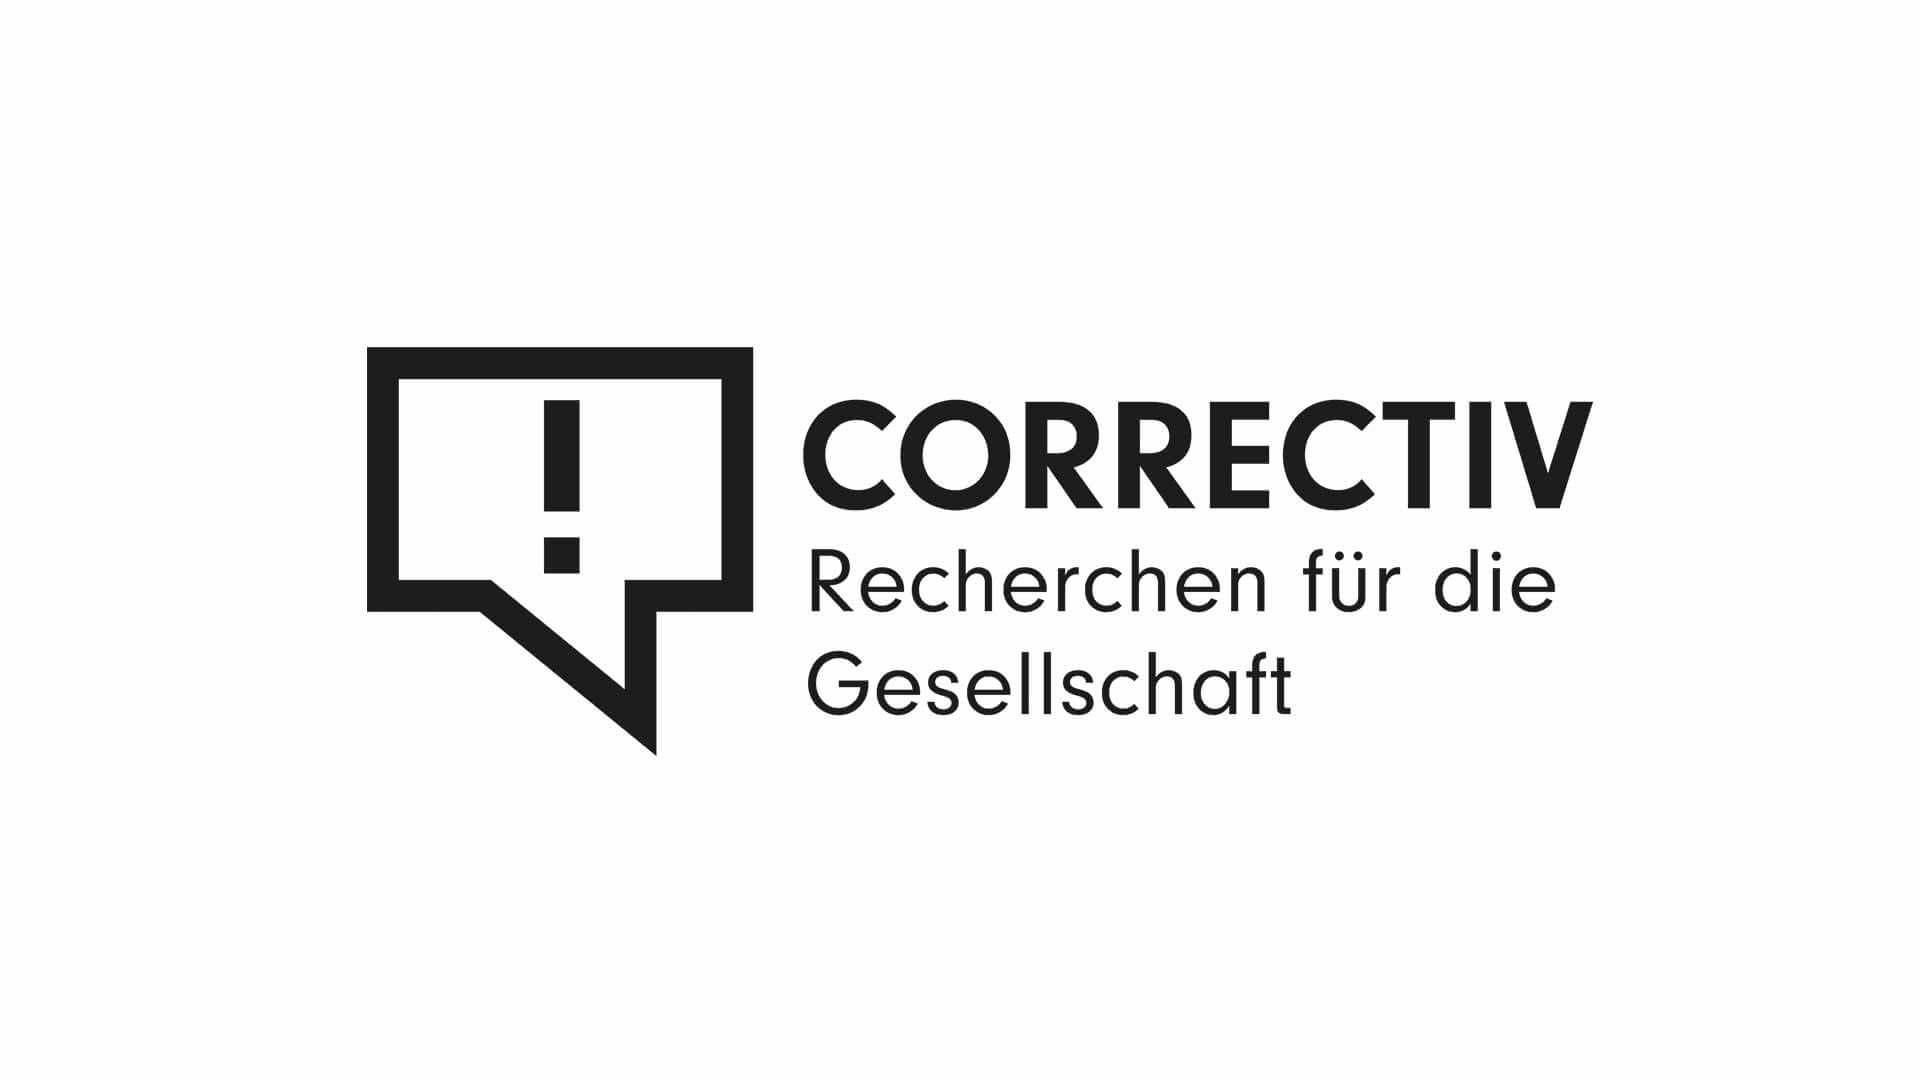 correctiv.org